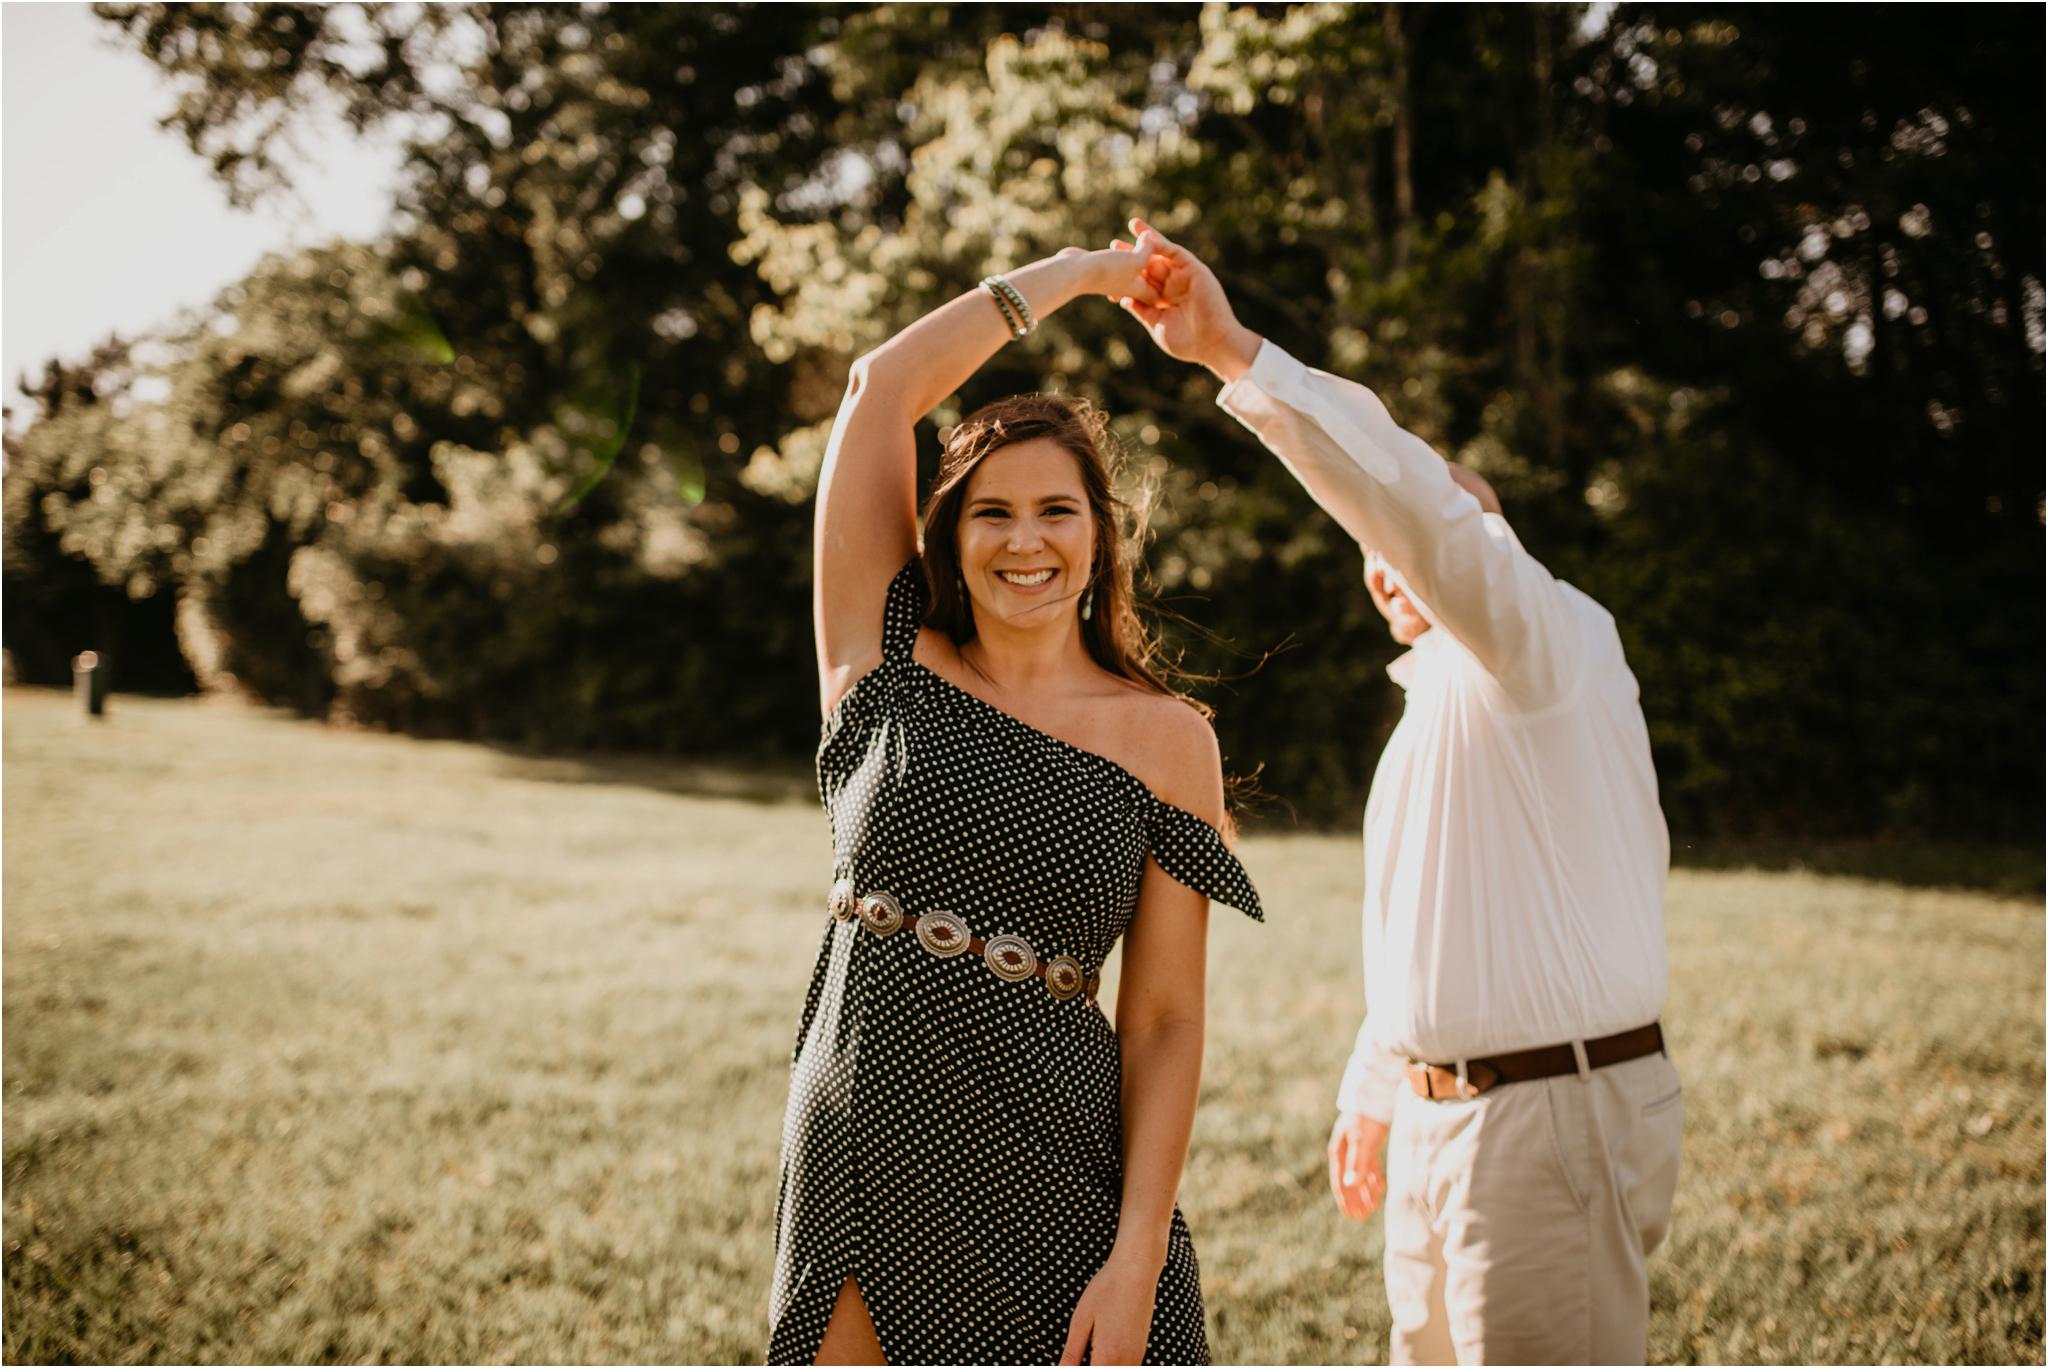 katie-and-eric-houston-oaks-engagement-session-houston-wedding-photographer-011.jpg